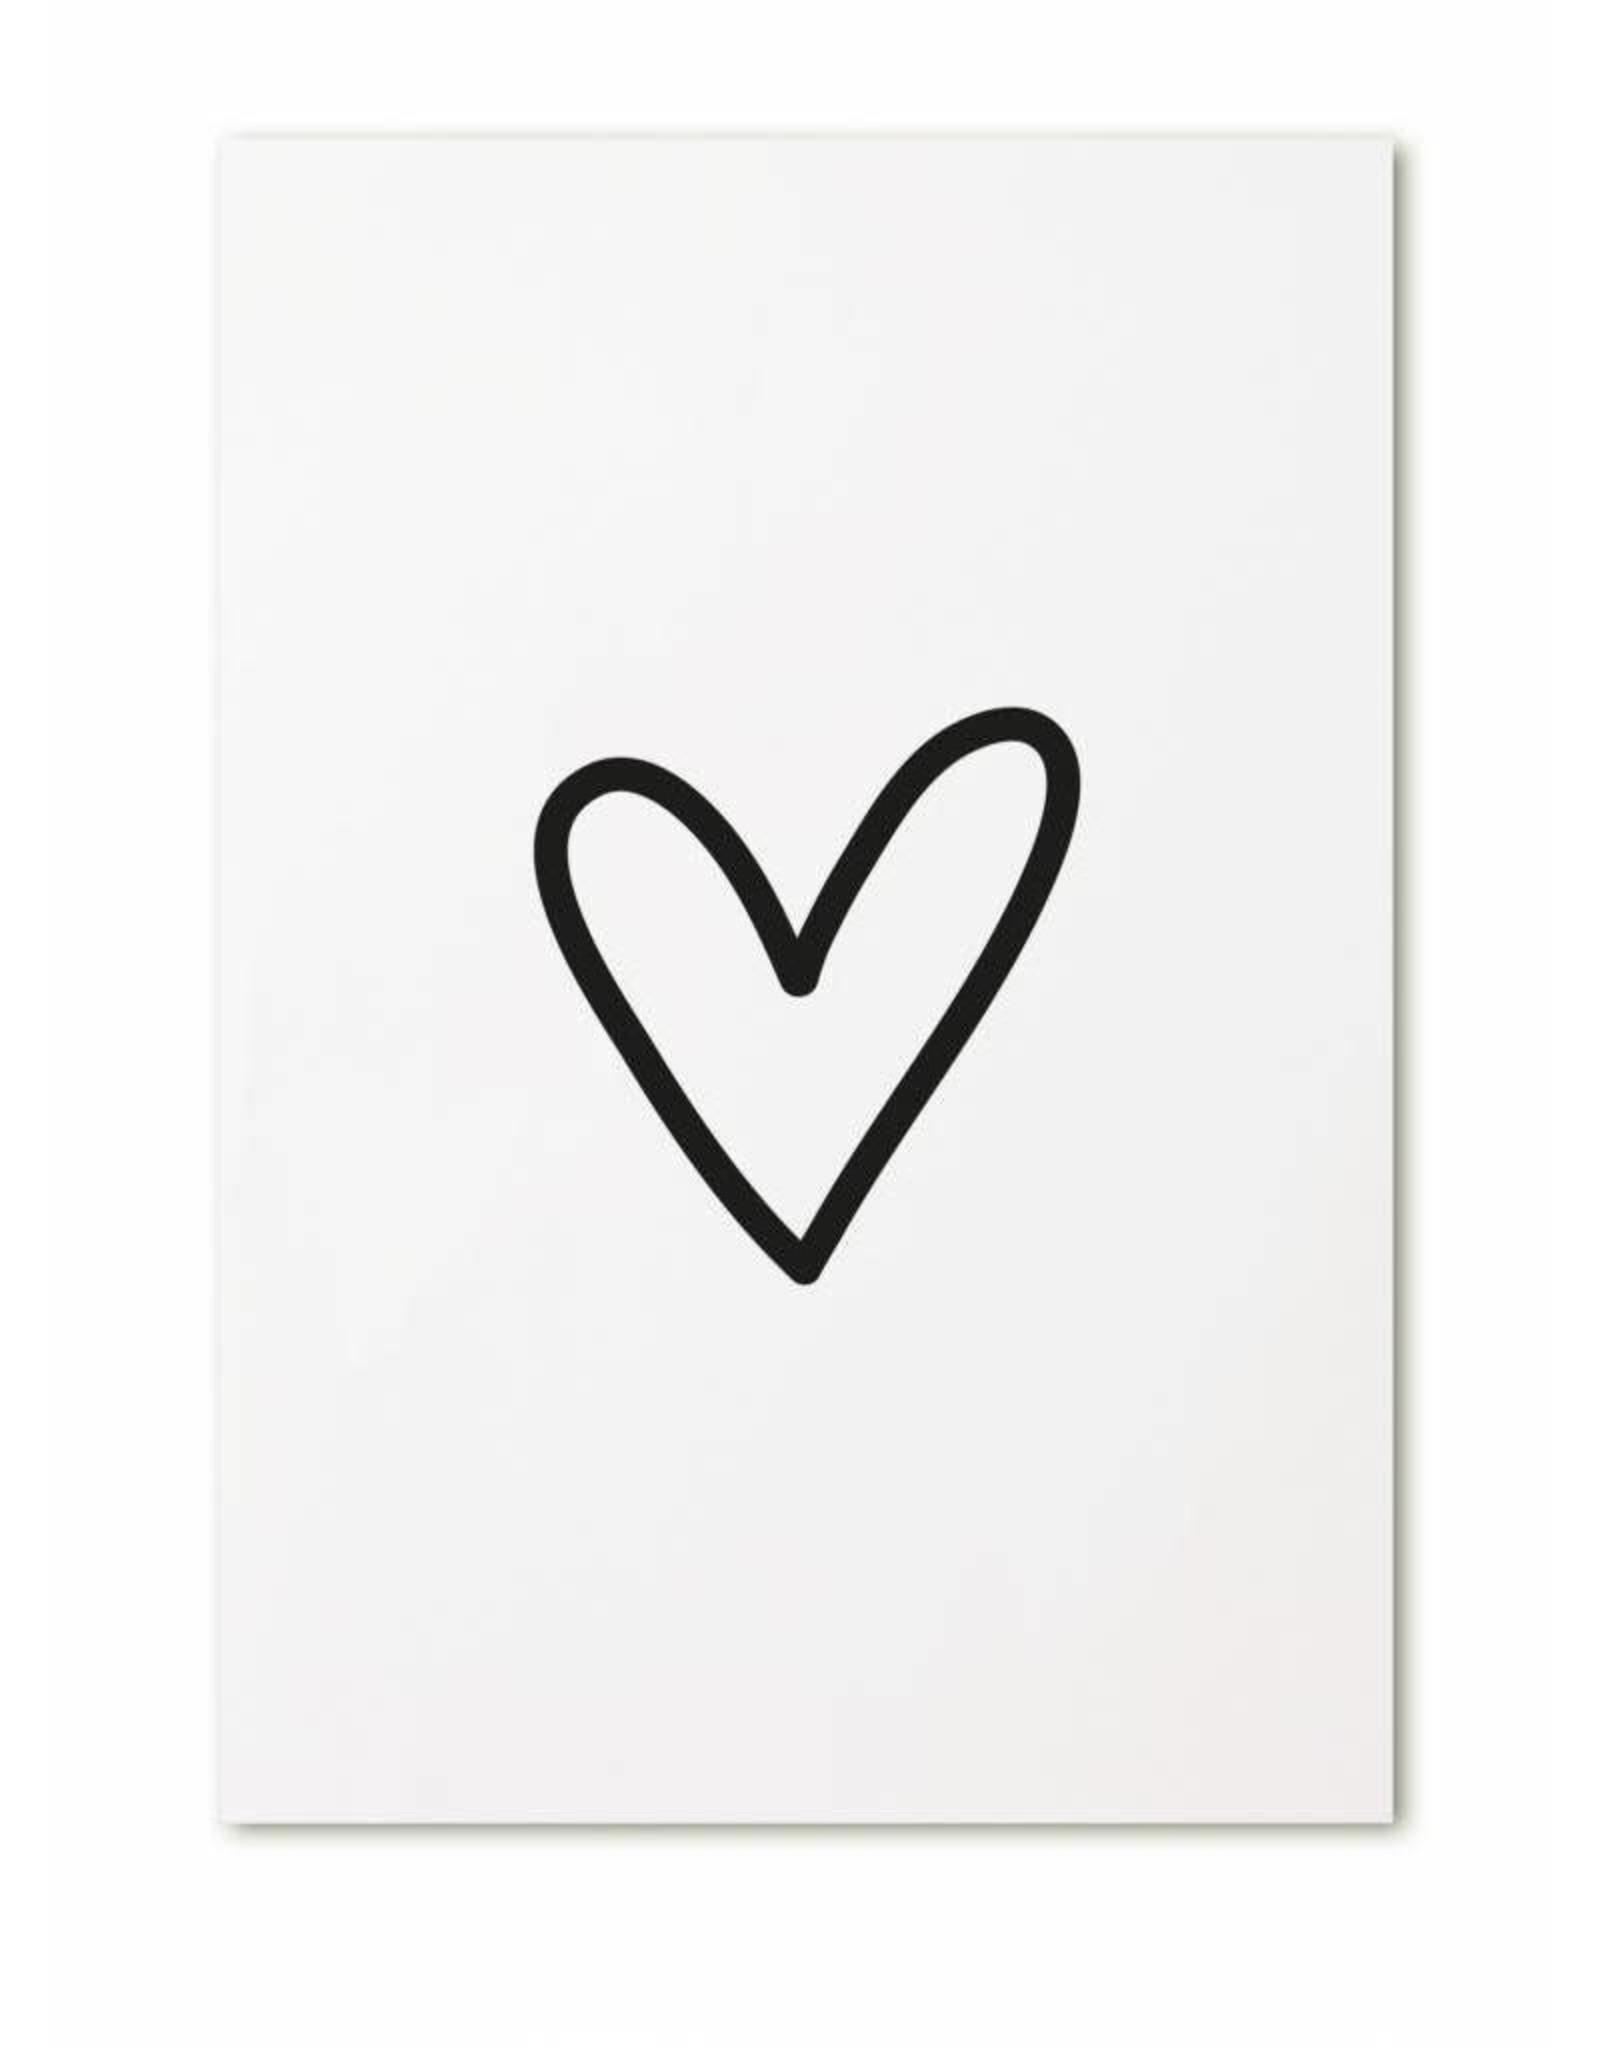 zoedt kaart a6 Zoedt: hartje